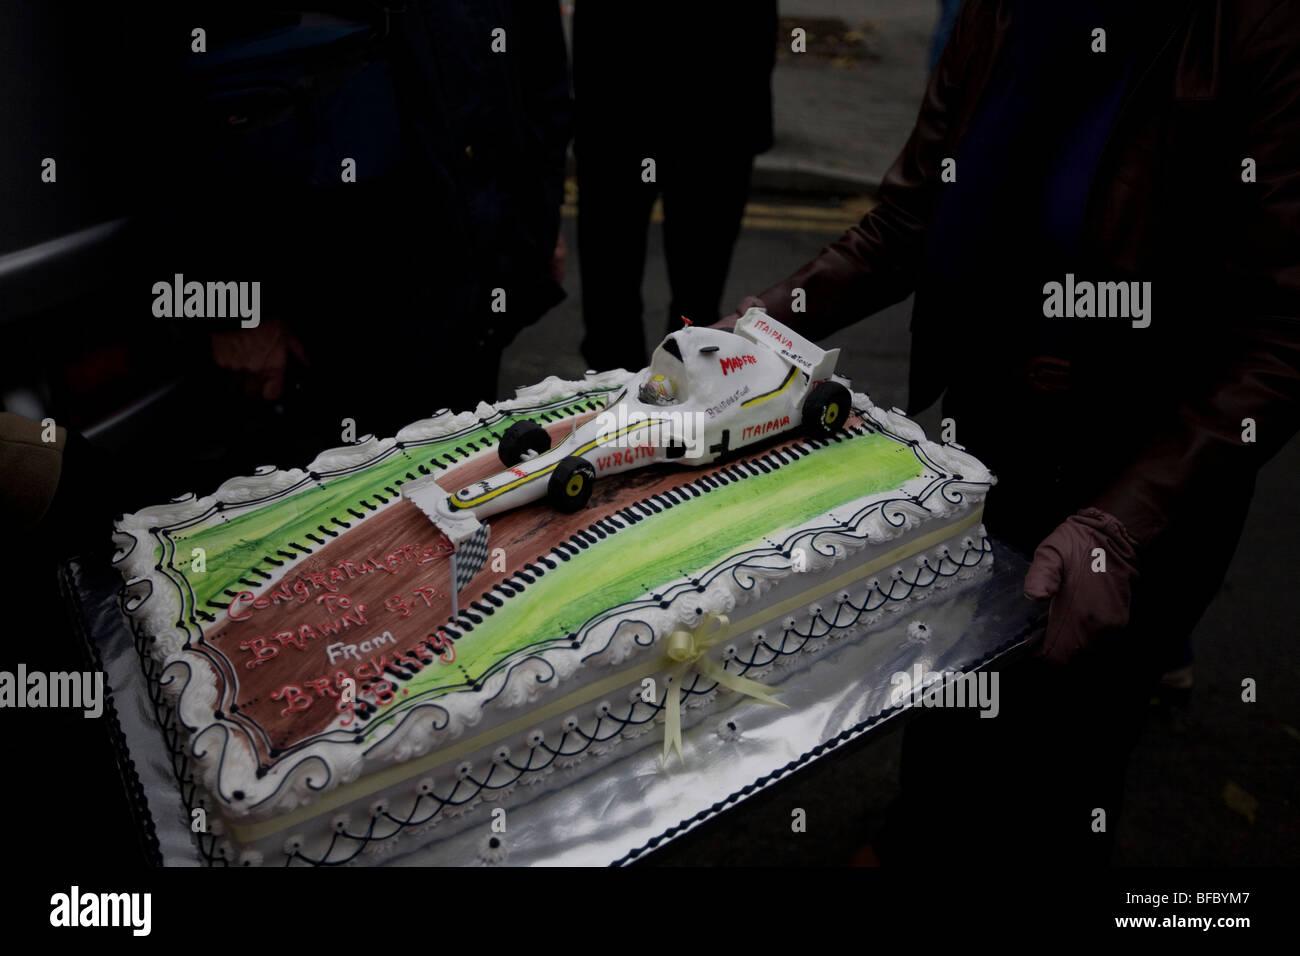 Feier Kuchen Prasentiert Formel 1 World Champions Brawn Gp Stockfoto